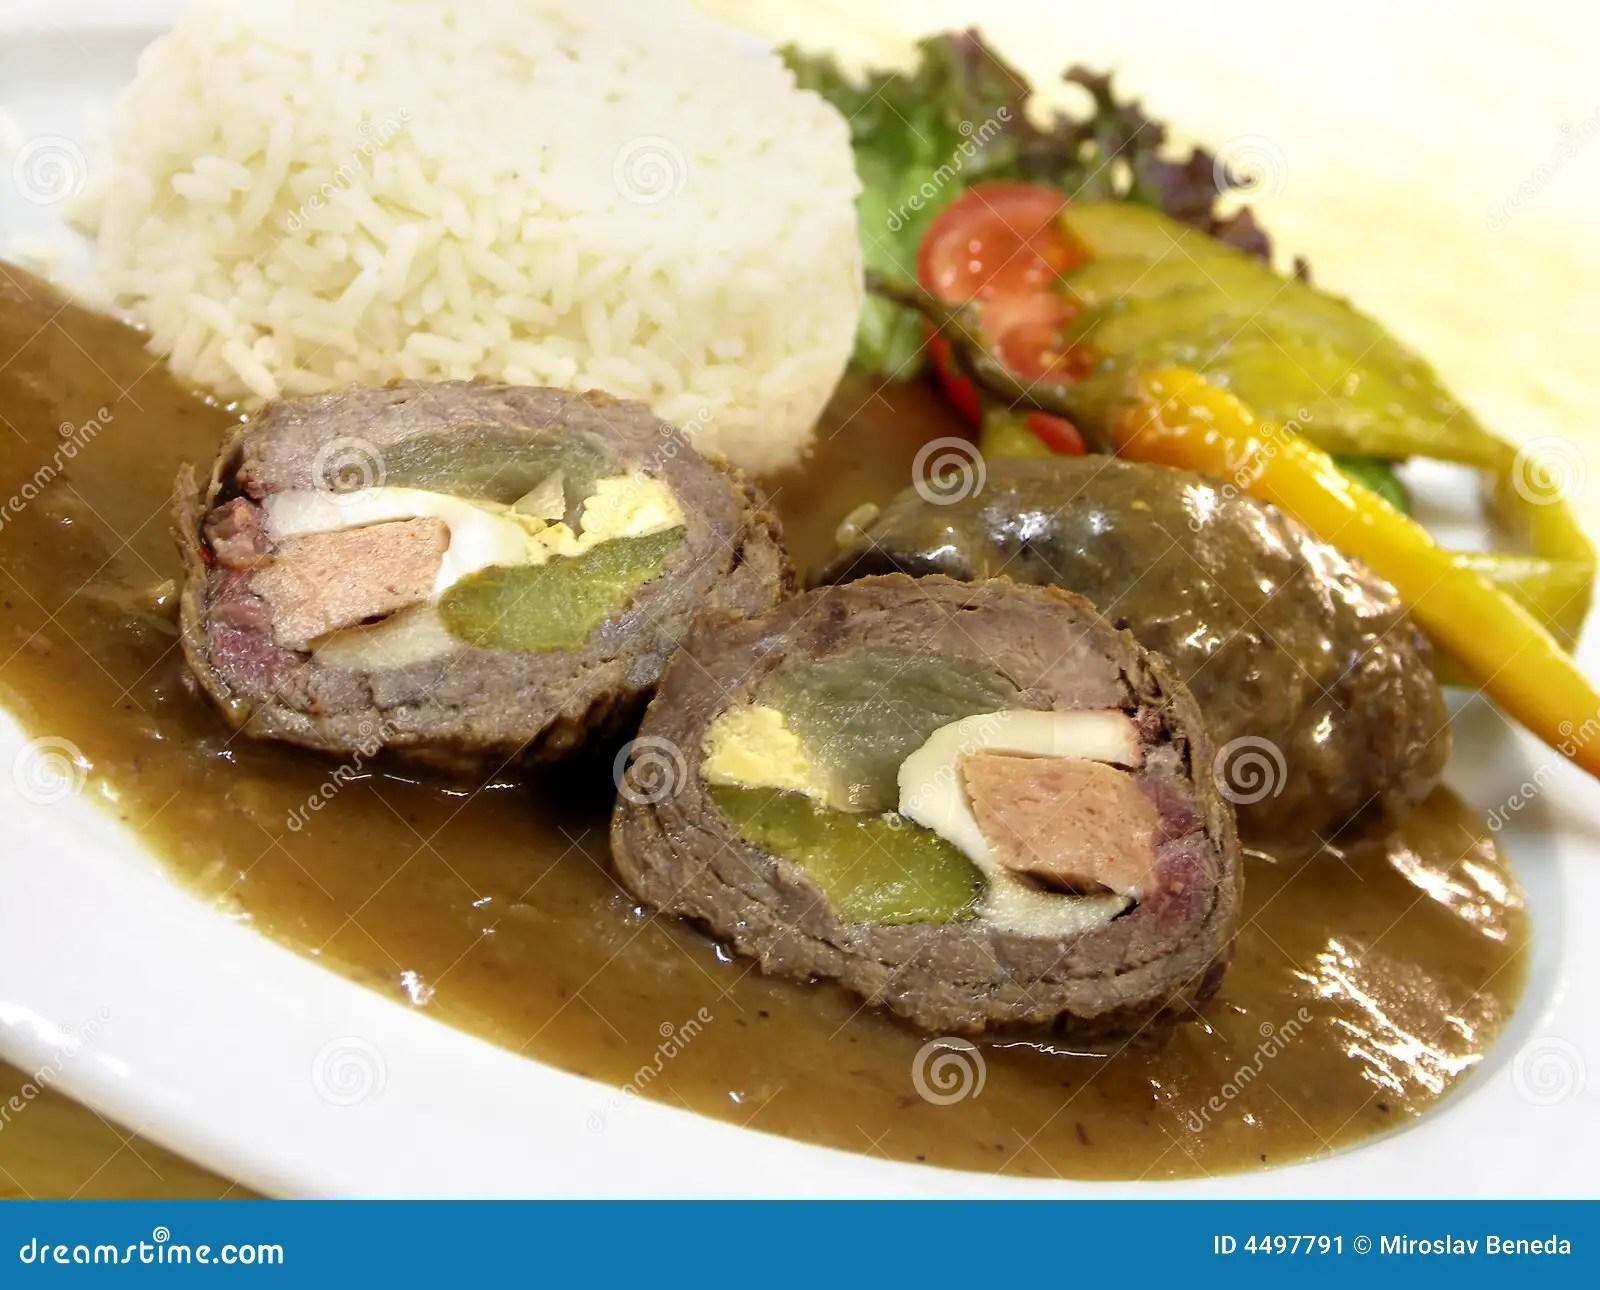 Beef Tenderloin Roast Raw